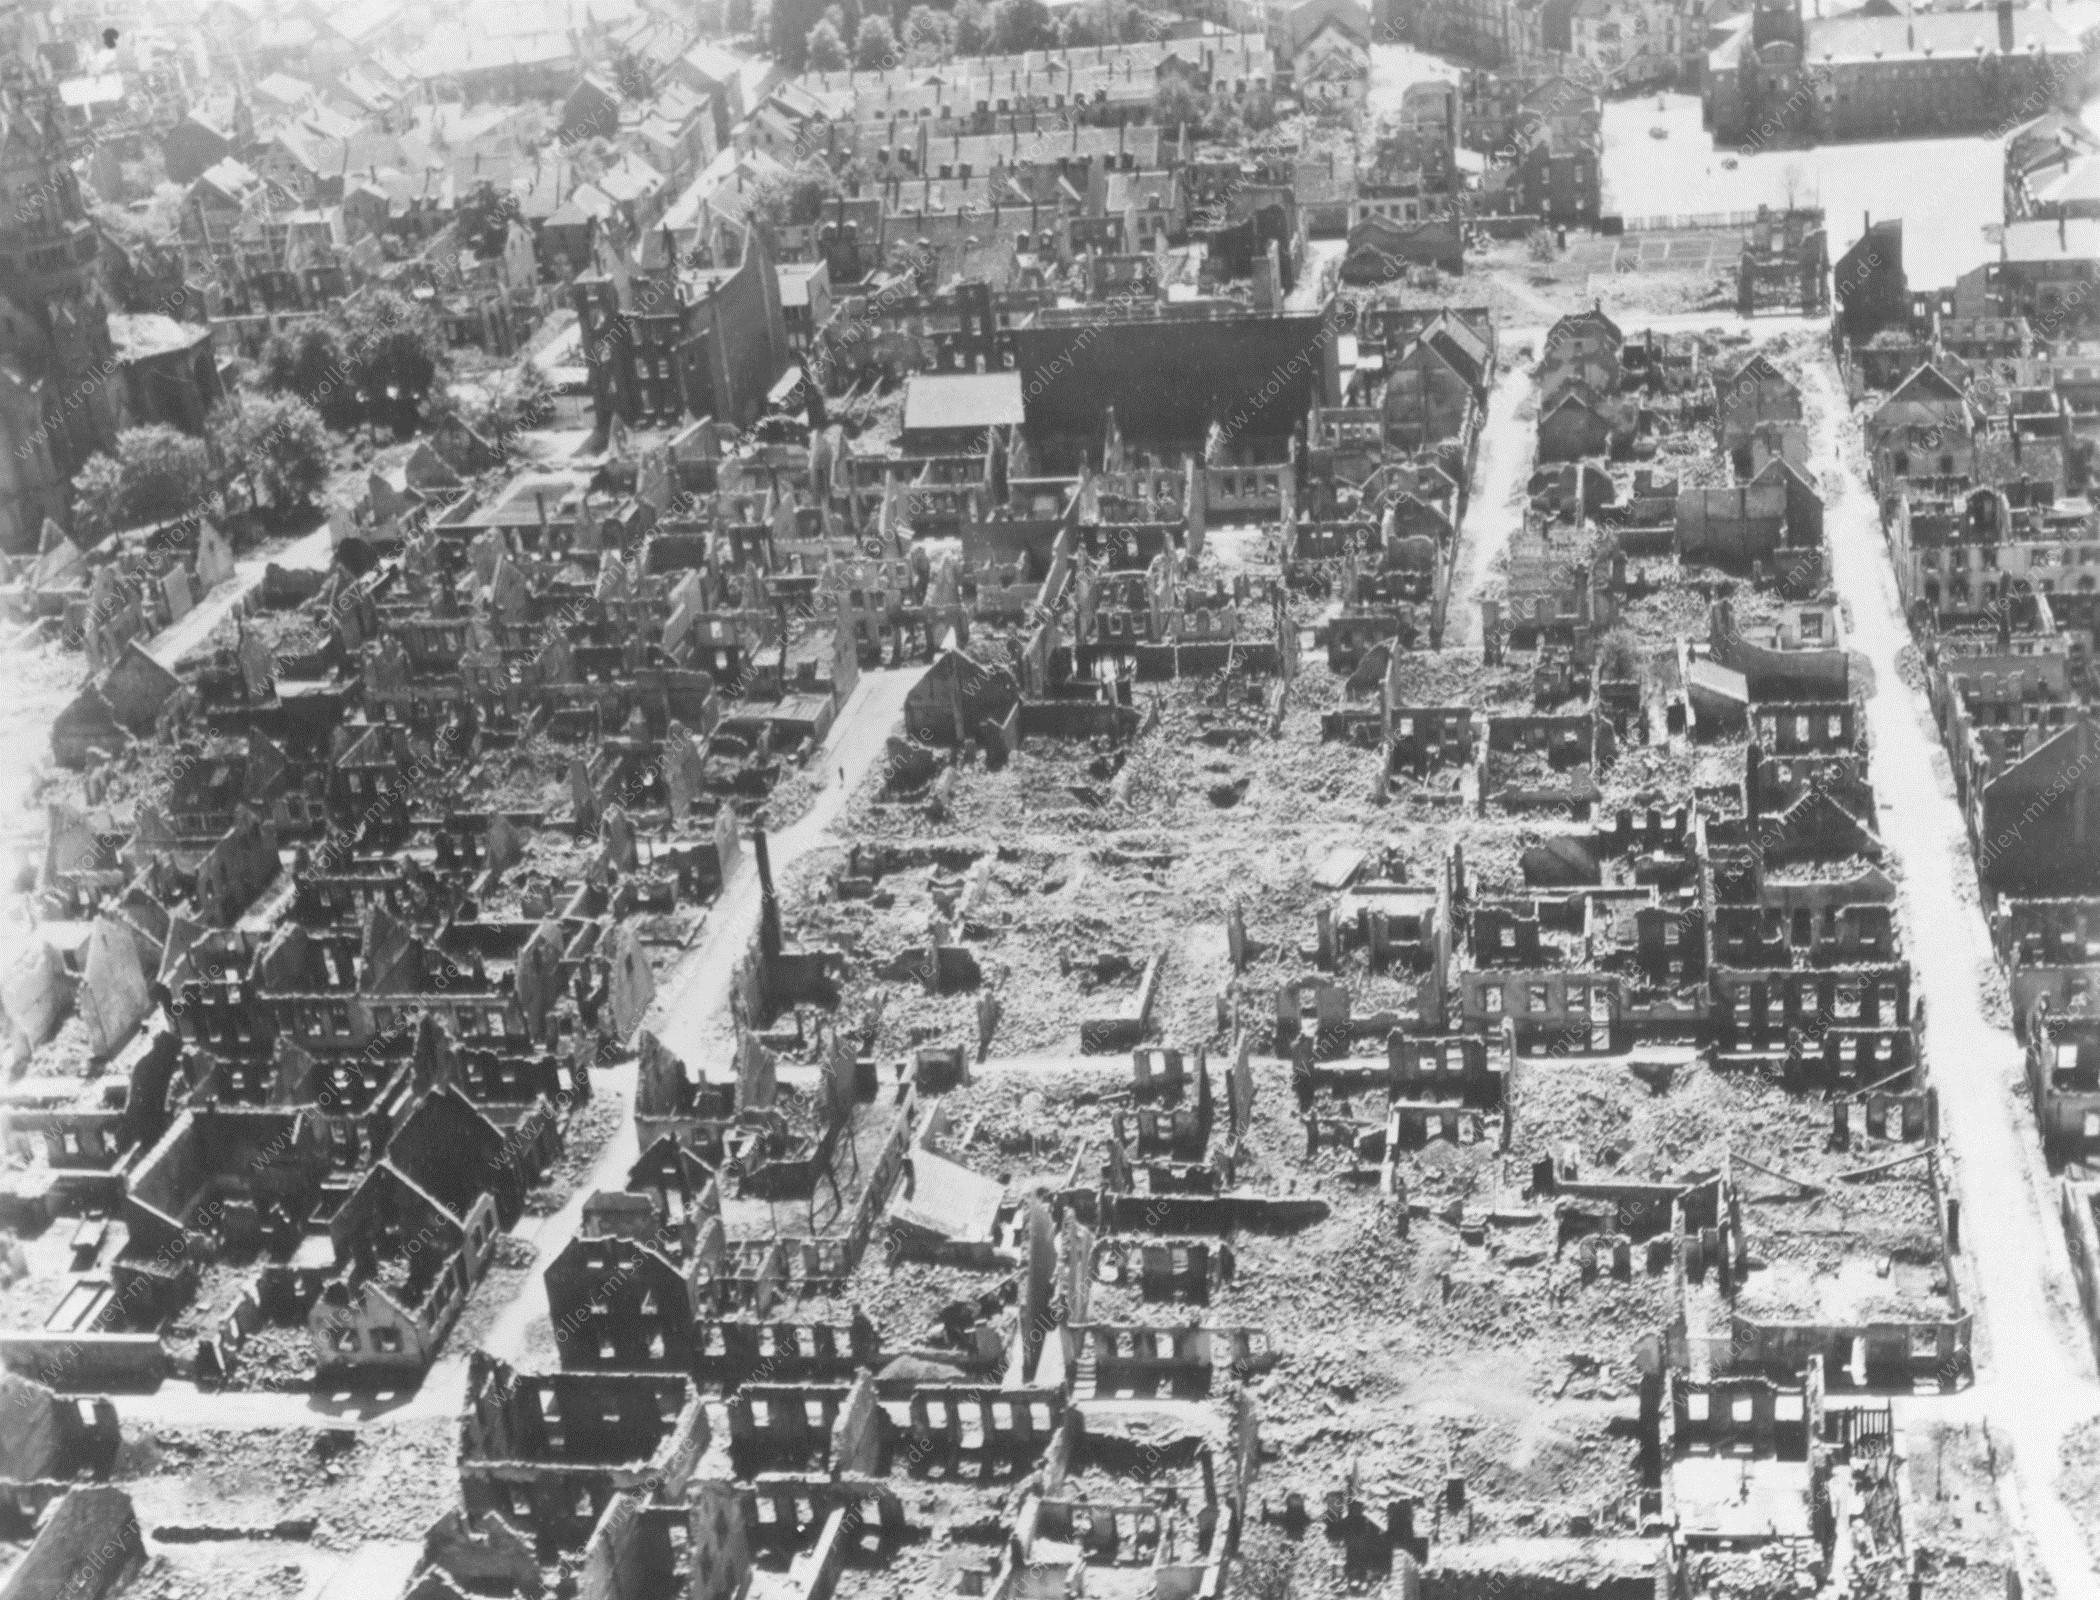 Kaiserslautern nach dem Zweiten Weltkrieg: Apostelkirche, Pfaffplatz und Pfaffbad sowie Wollstraße